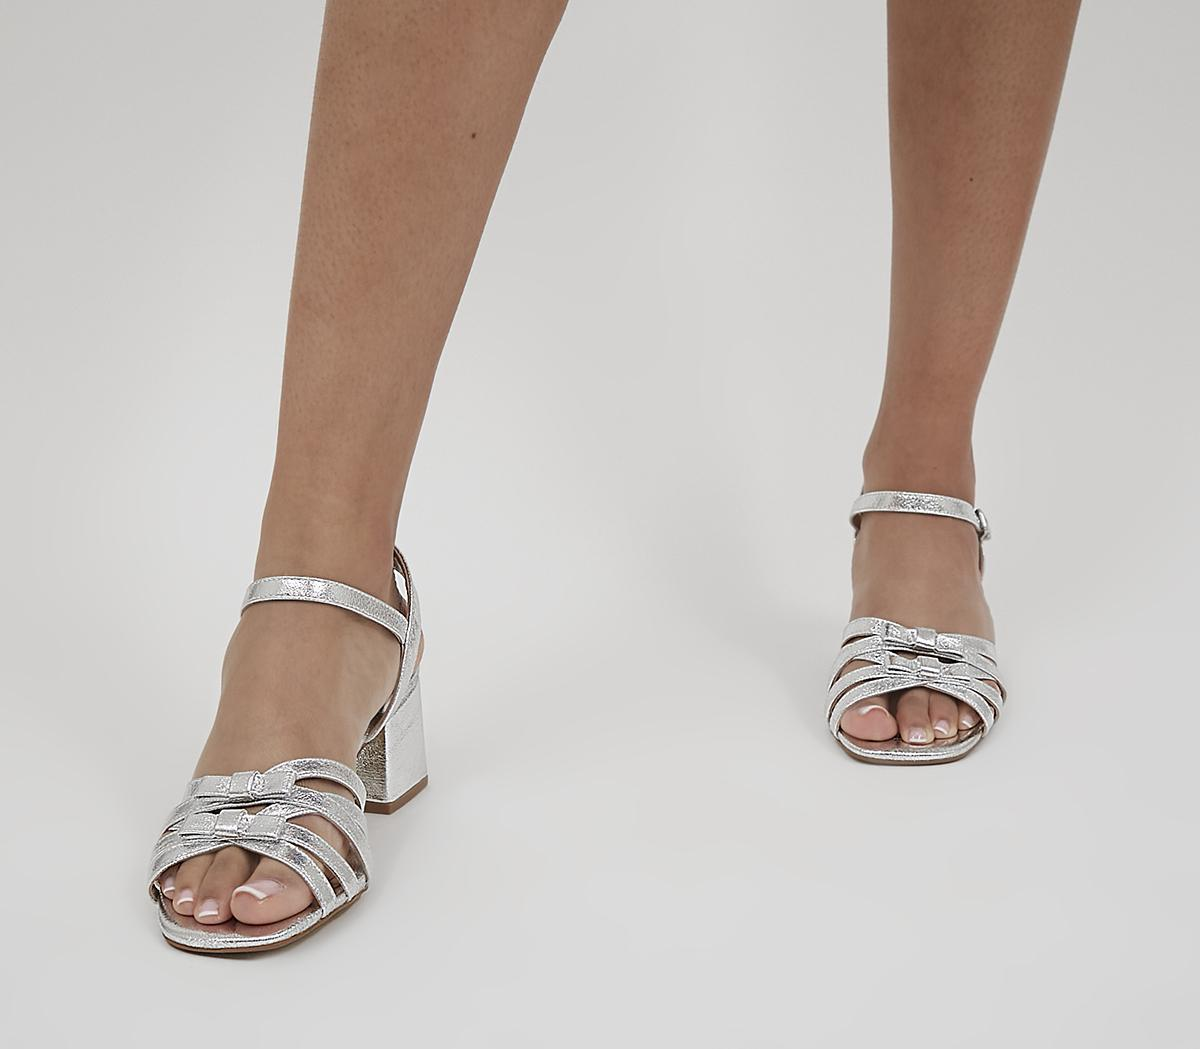 Machan Bow Detail Low Block Heels